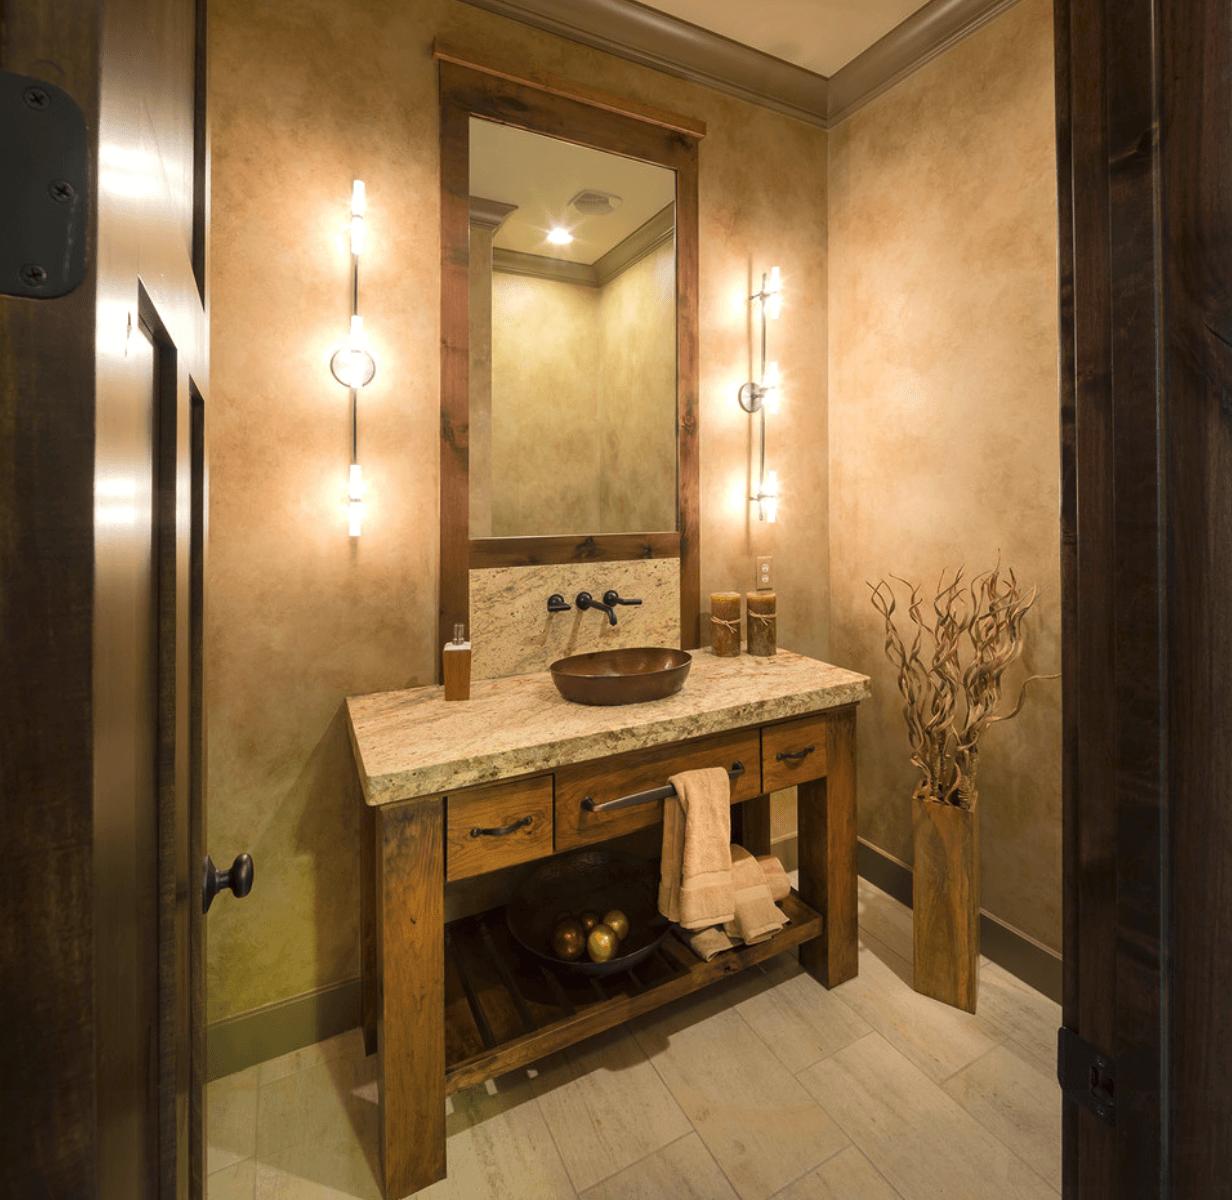 Banheiro Banheiro Moderno #B37A18 1232x1200 Balcao Banheiro Rustico